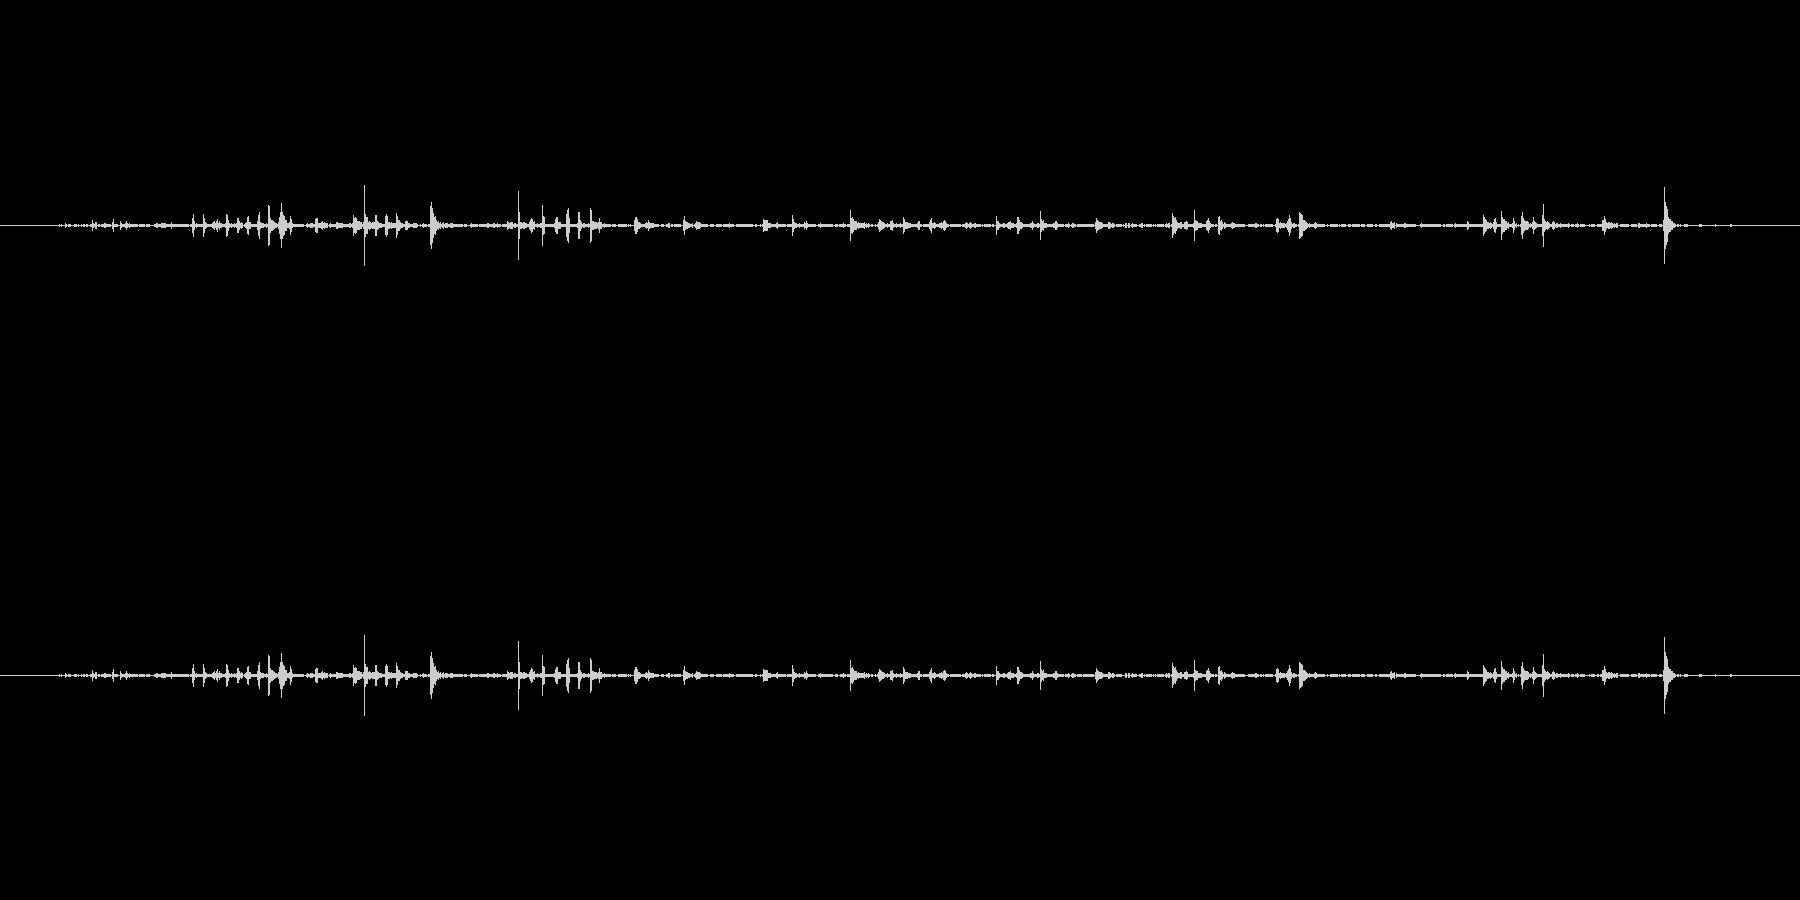 キーボードをタイピングするときの音ですの未再生の波形